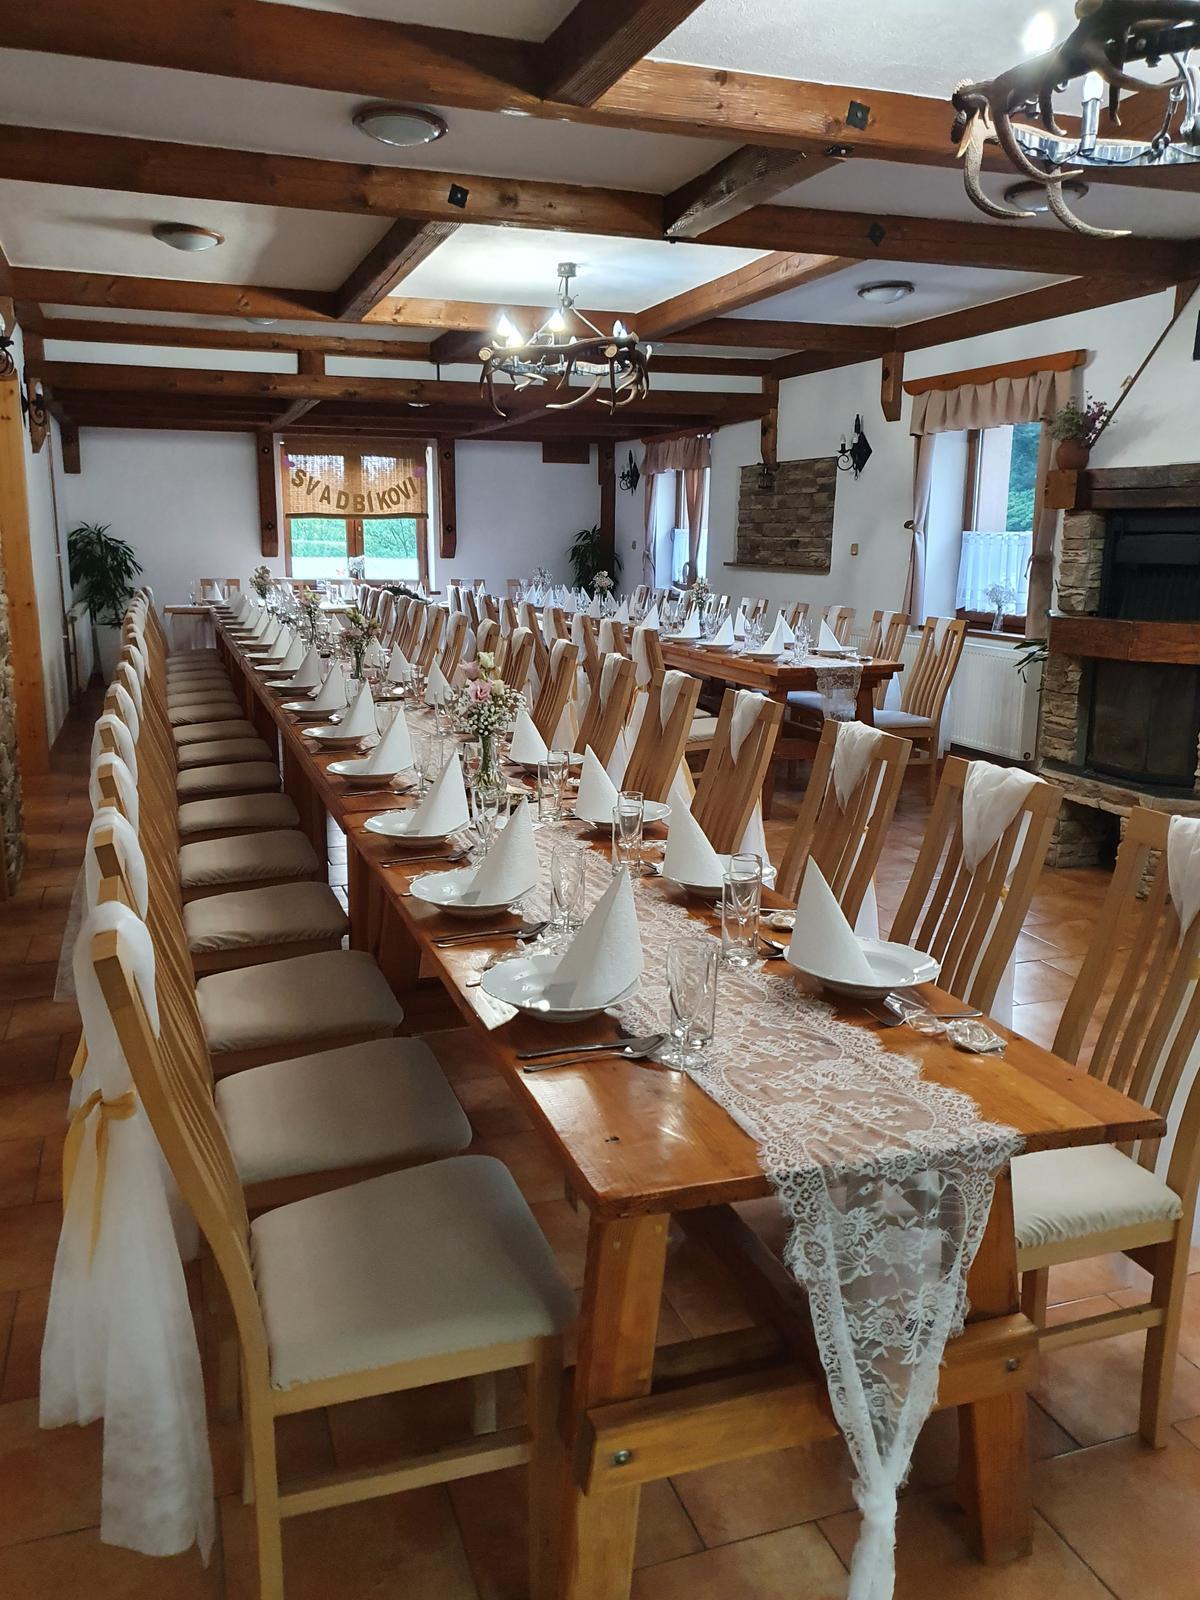 svatební krajka a dekorace na židle - Obrázek č. 1